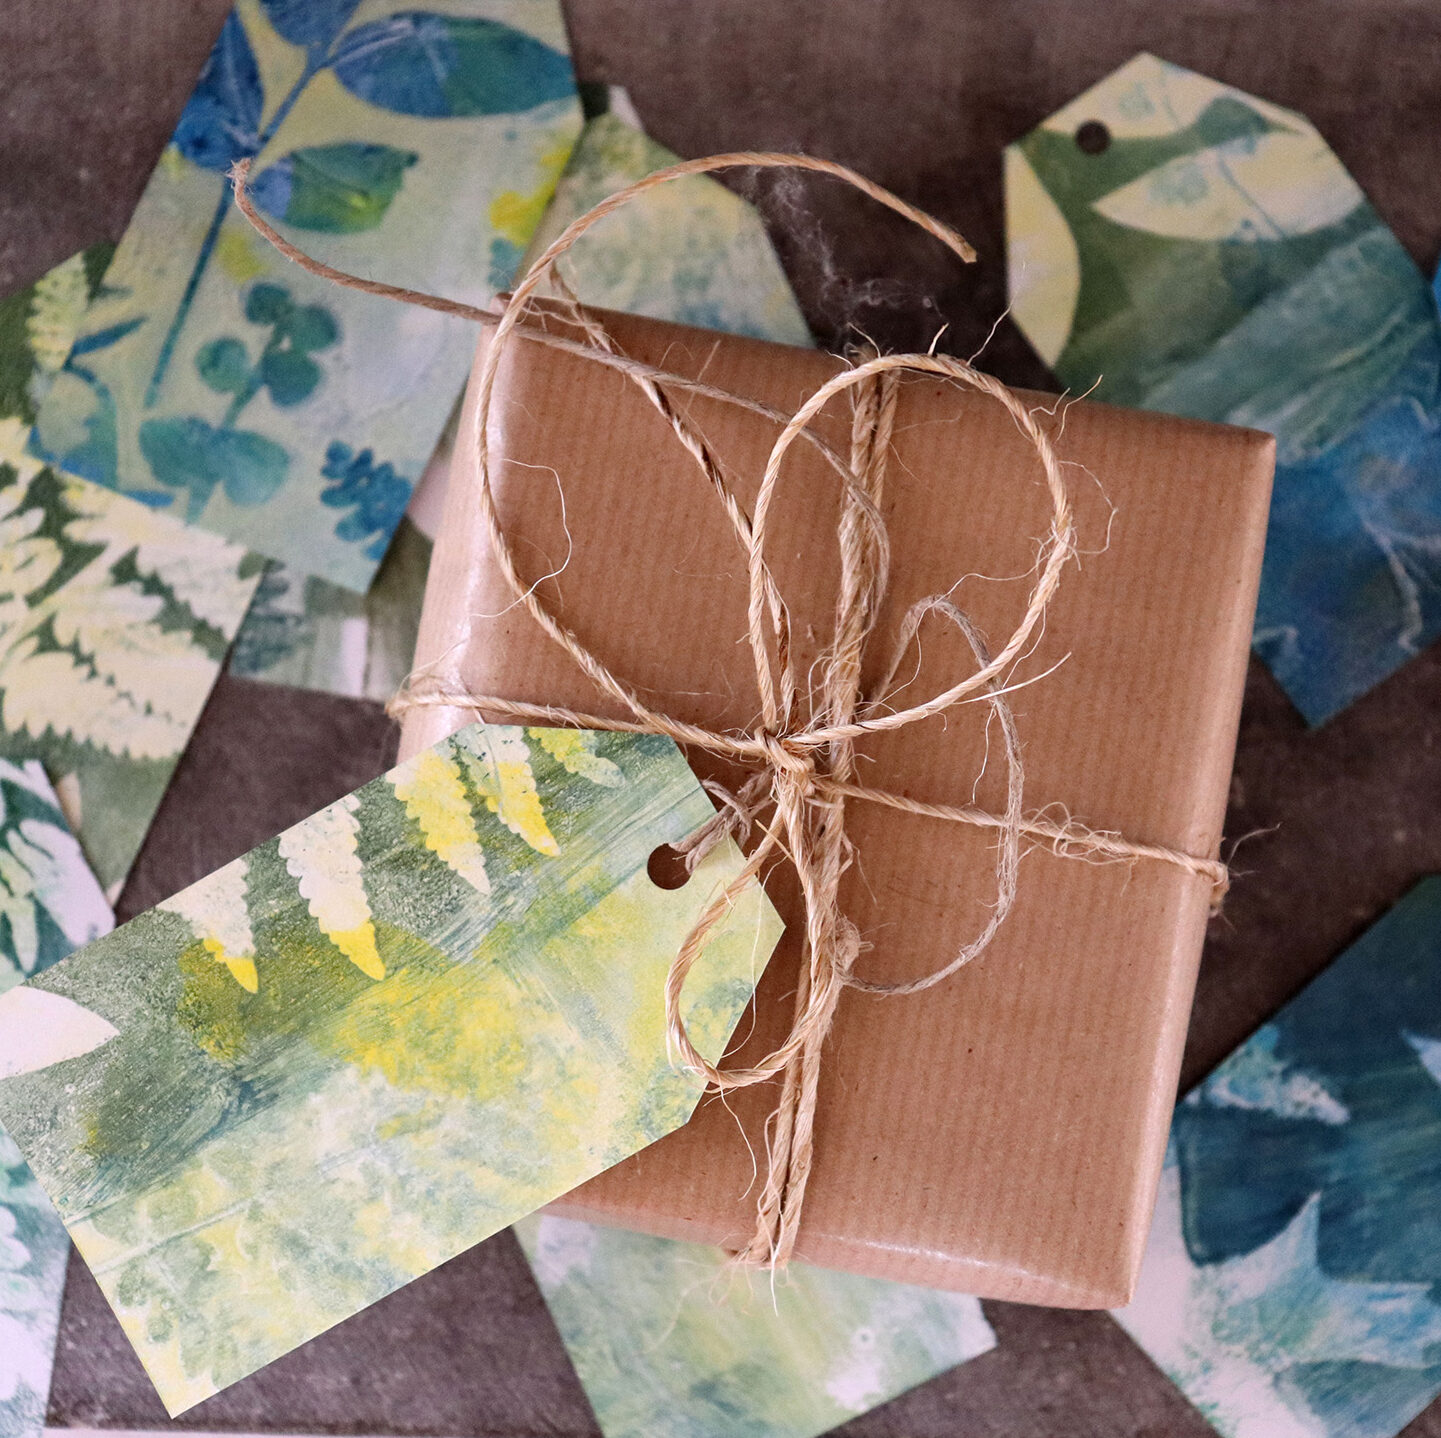 etiquettes-cadeau-impressions-botaniques-artiste-peintre-carine-genadry-art